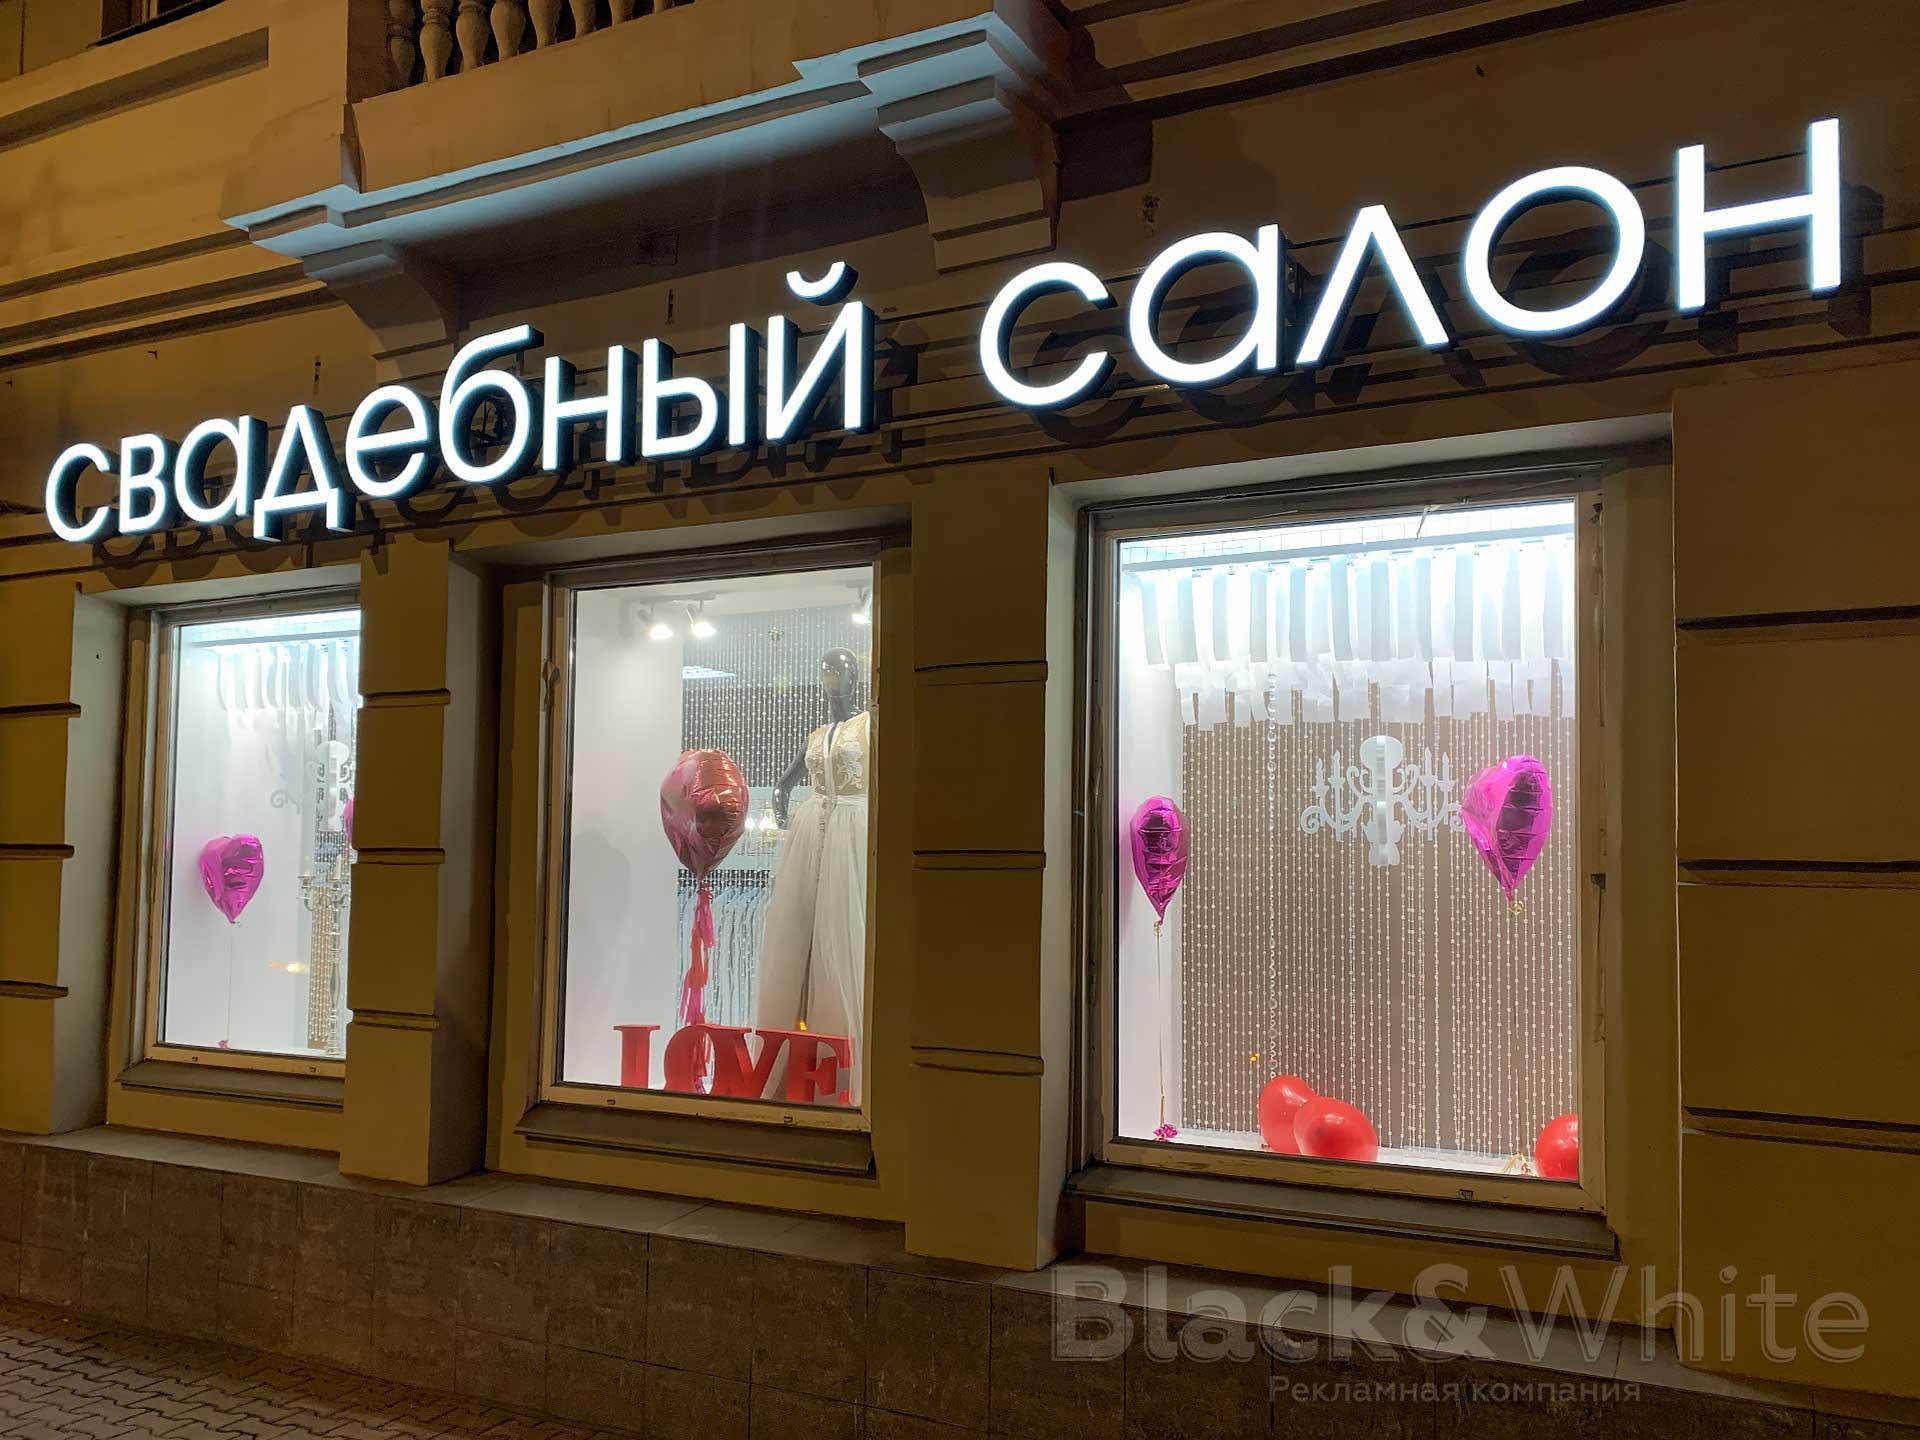 Вывеска-для-свадебного-салона-в-Красноярске-объёмные-световые-буквы-и-Композитный-короб-с-инкрустацией...jpg